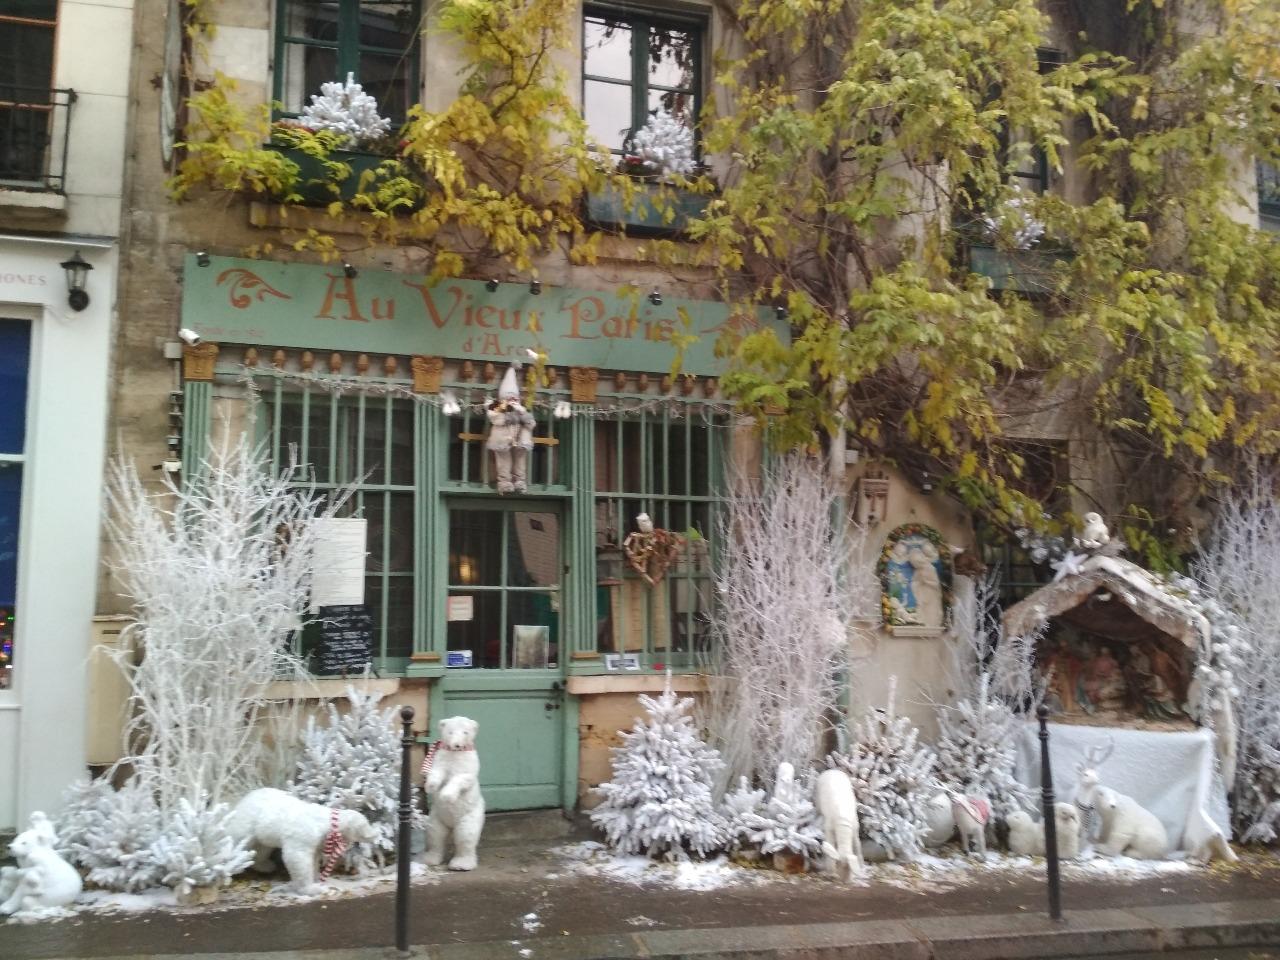 Снега в Париже нет, приходится делать на Рождество вот такие штуки